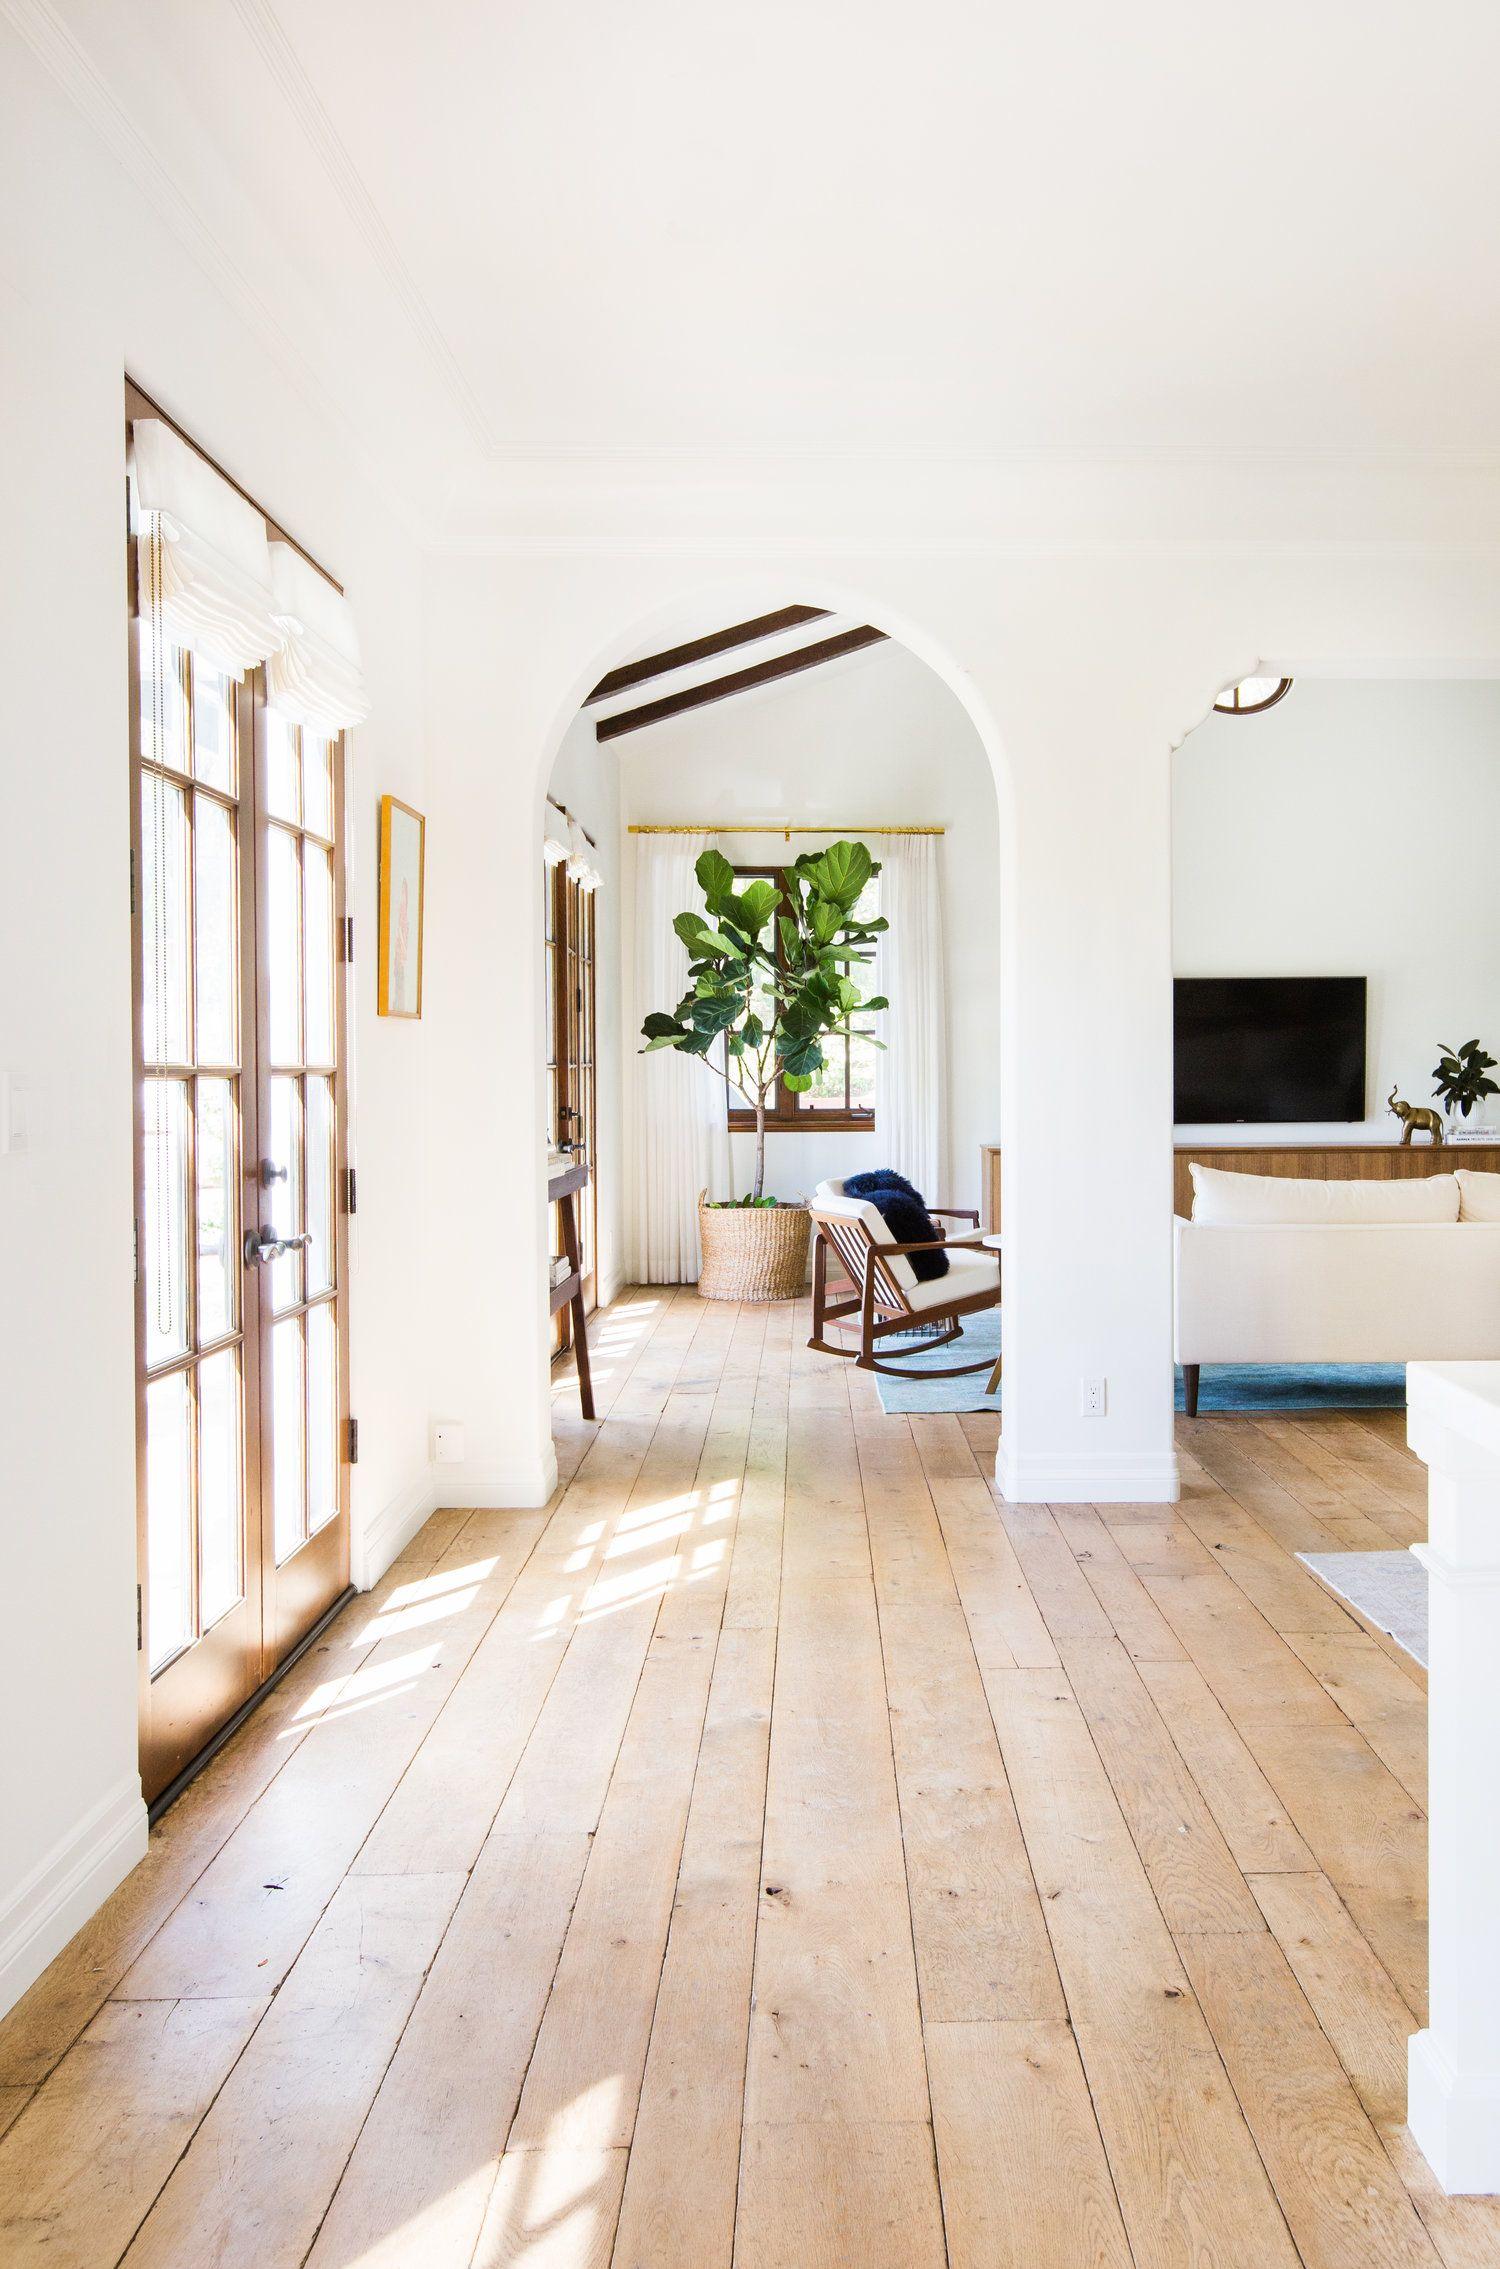 sprookje huis binnentuin huiskamerideen huiskamers woonruimtes interieurstyling vloeren traditionele stijlen dagdroom